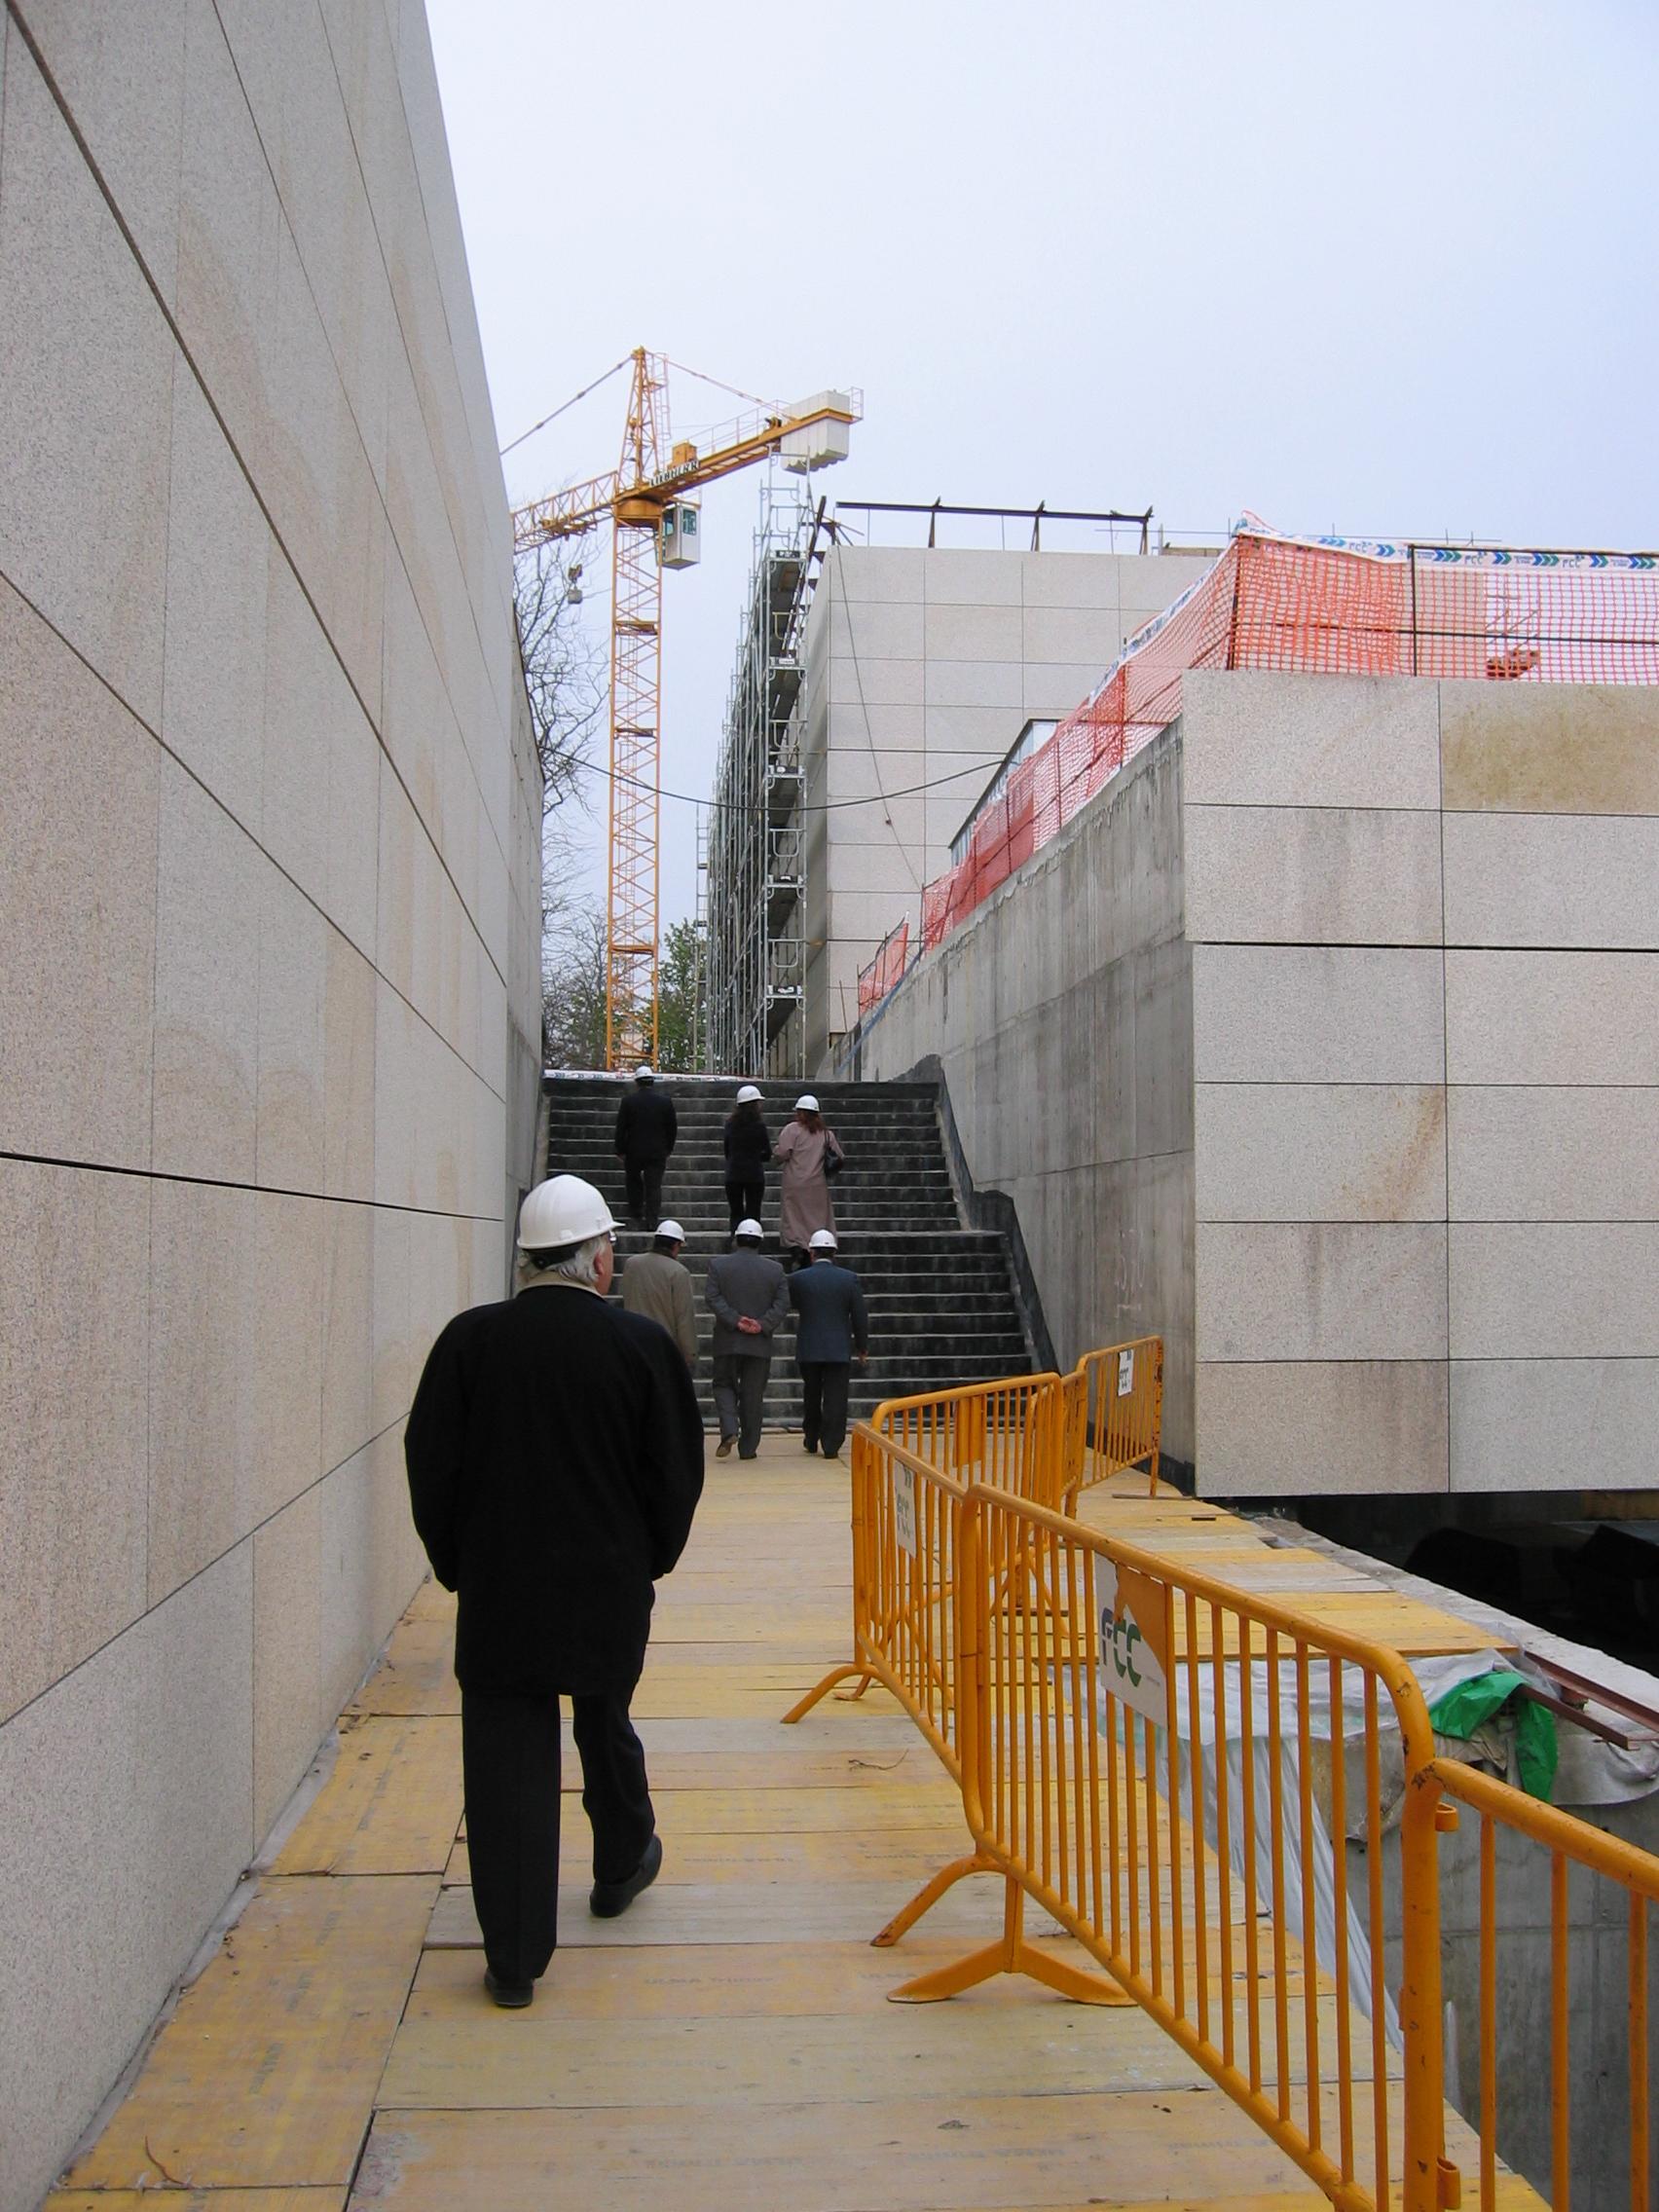 Teatro-escorial-visita-26-3-2004